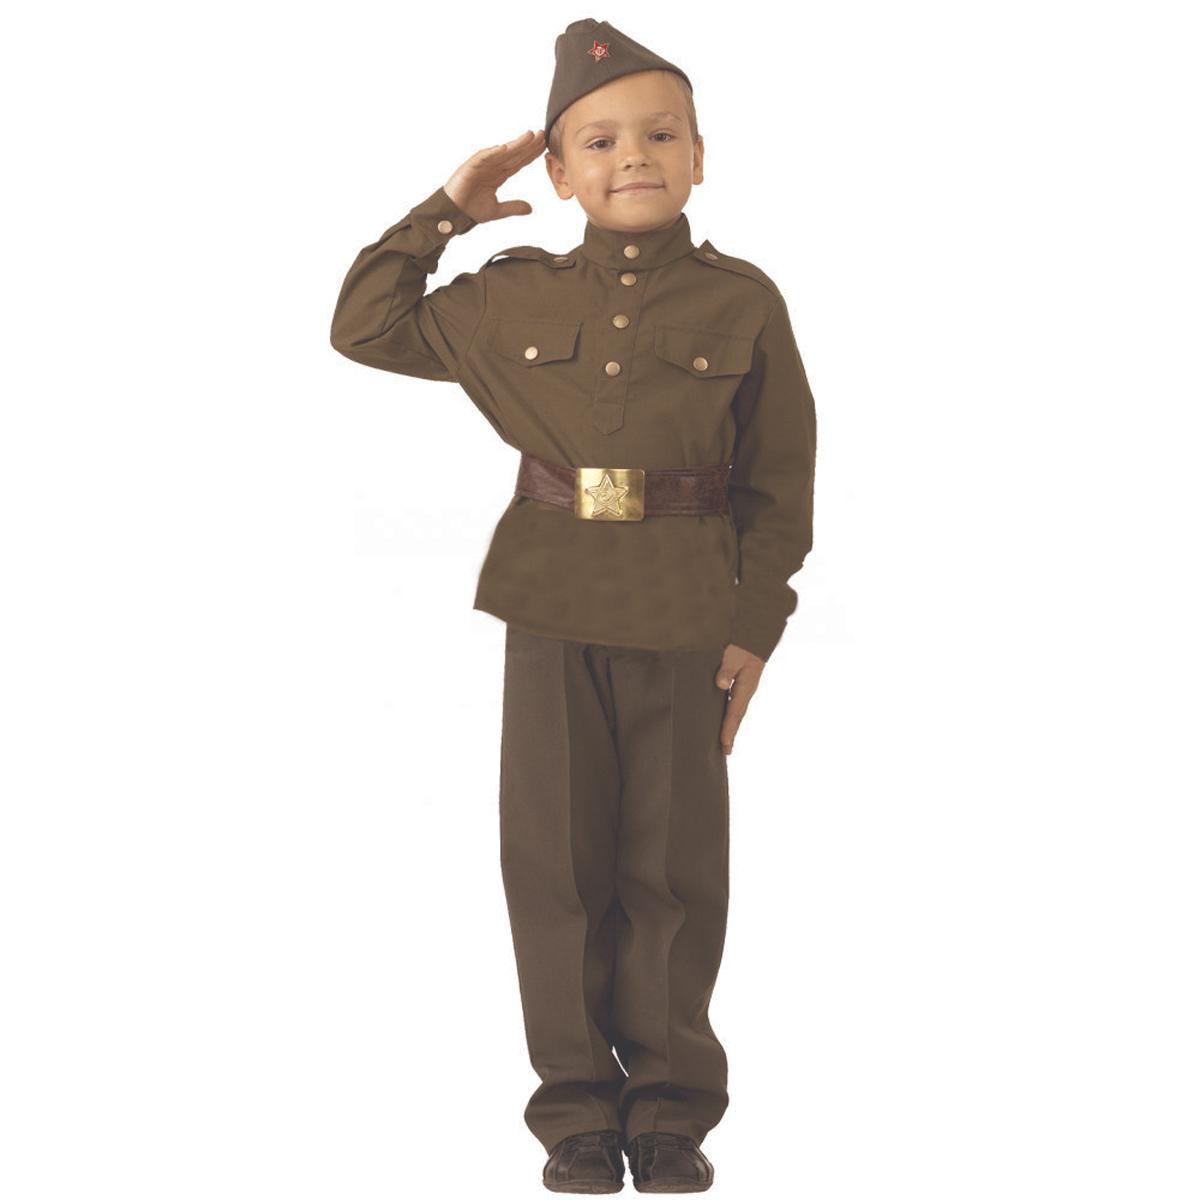 Батик Костюм карнавальный для мальчика Солдат размер 38 костюм зловещего шута детский 38 40